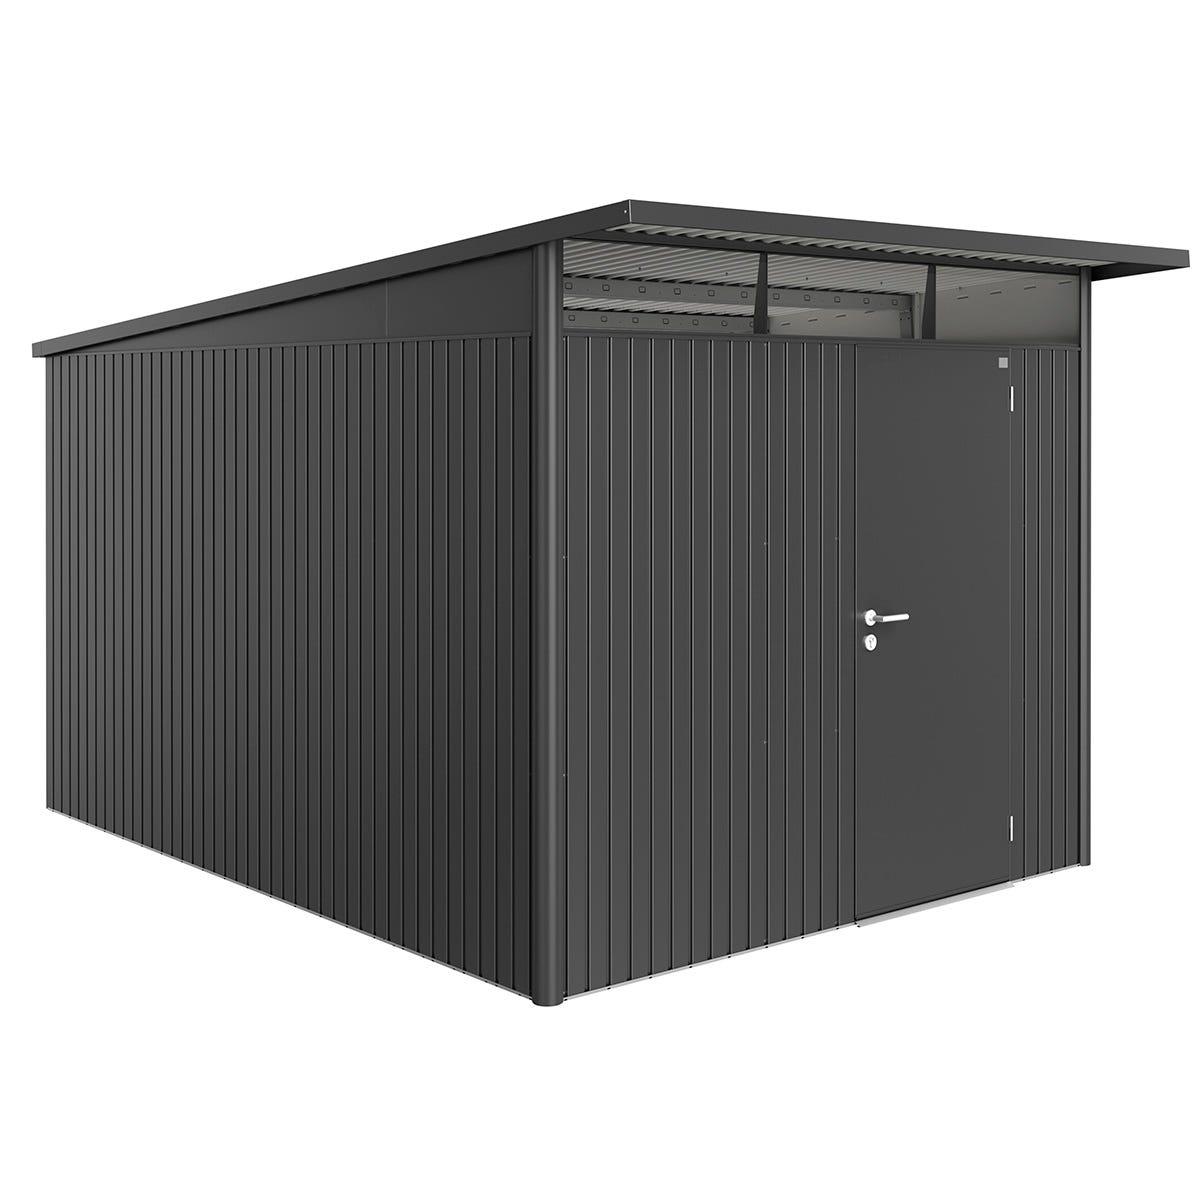 Biohort AvantGarde Metal Shed A8 Standard door 8' 5'' x 12' 4'' - Dark Grey